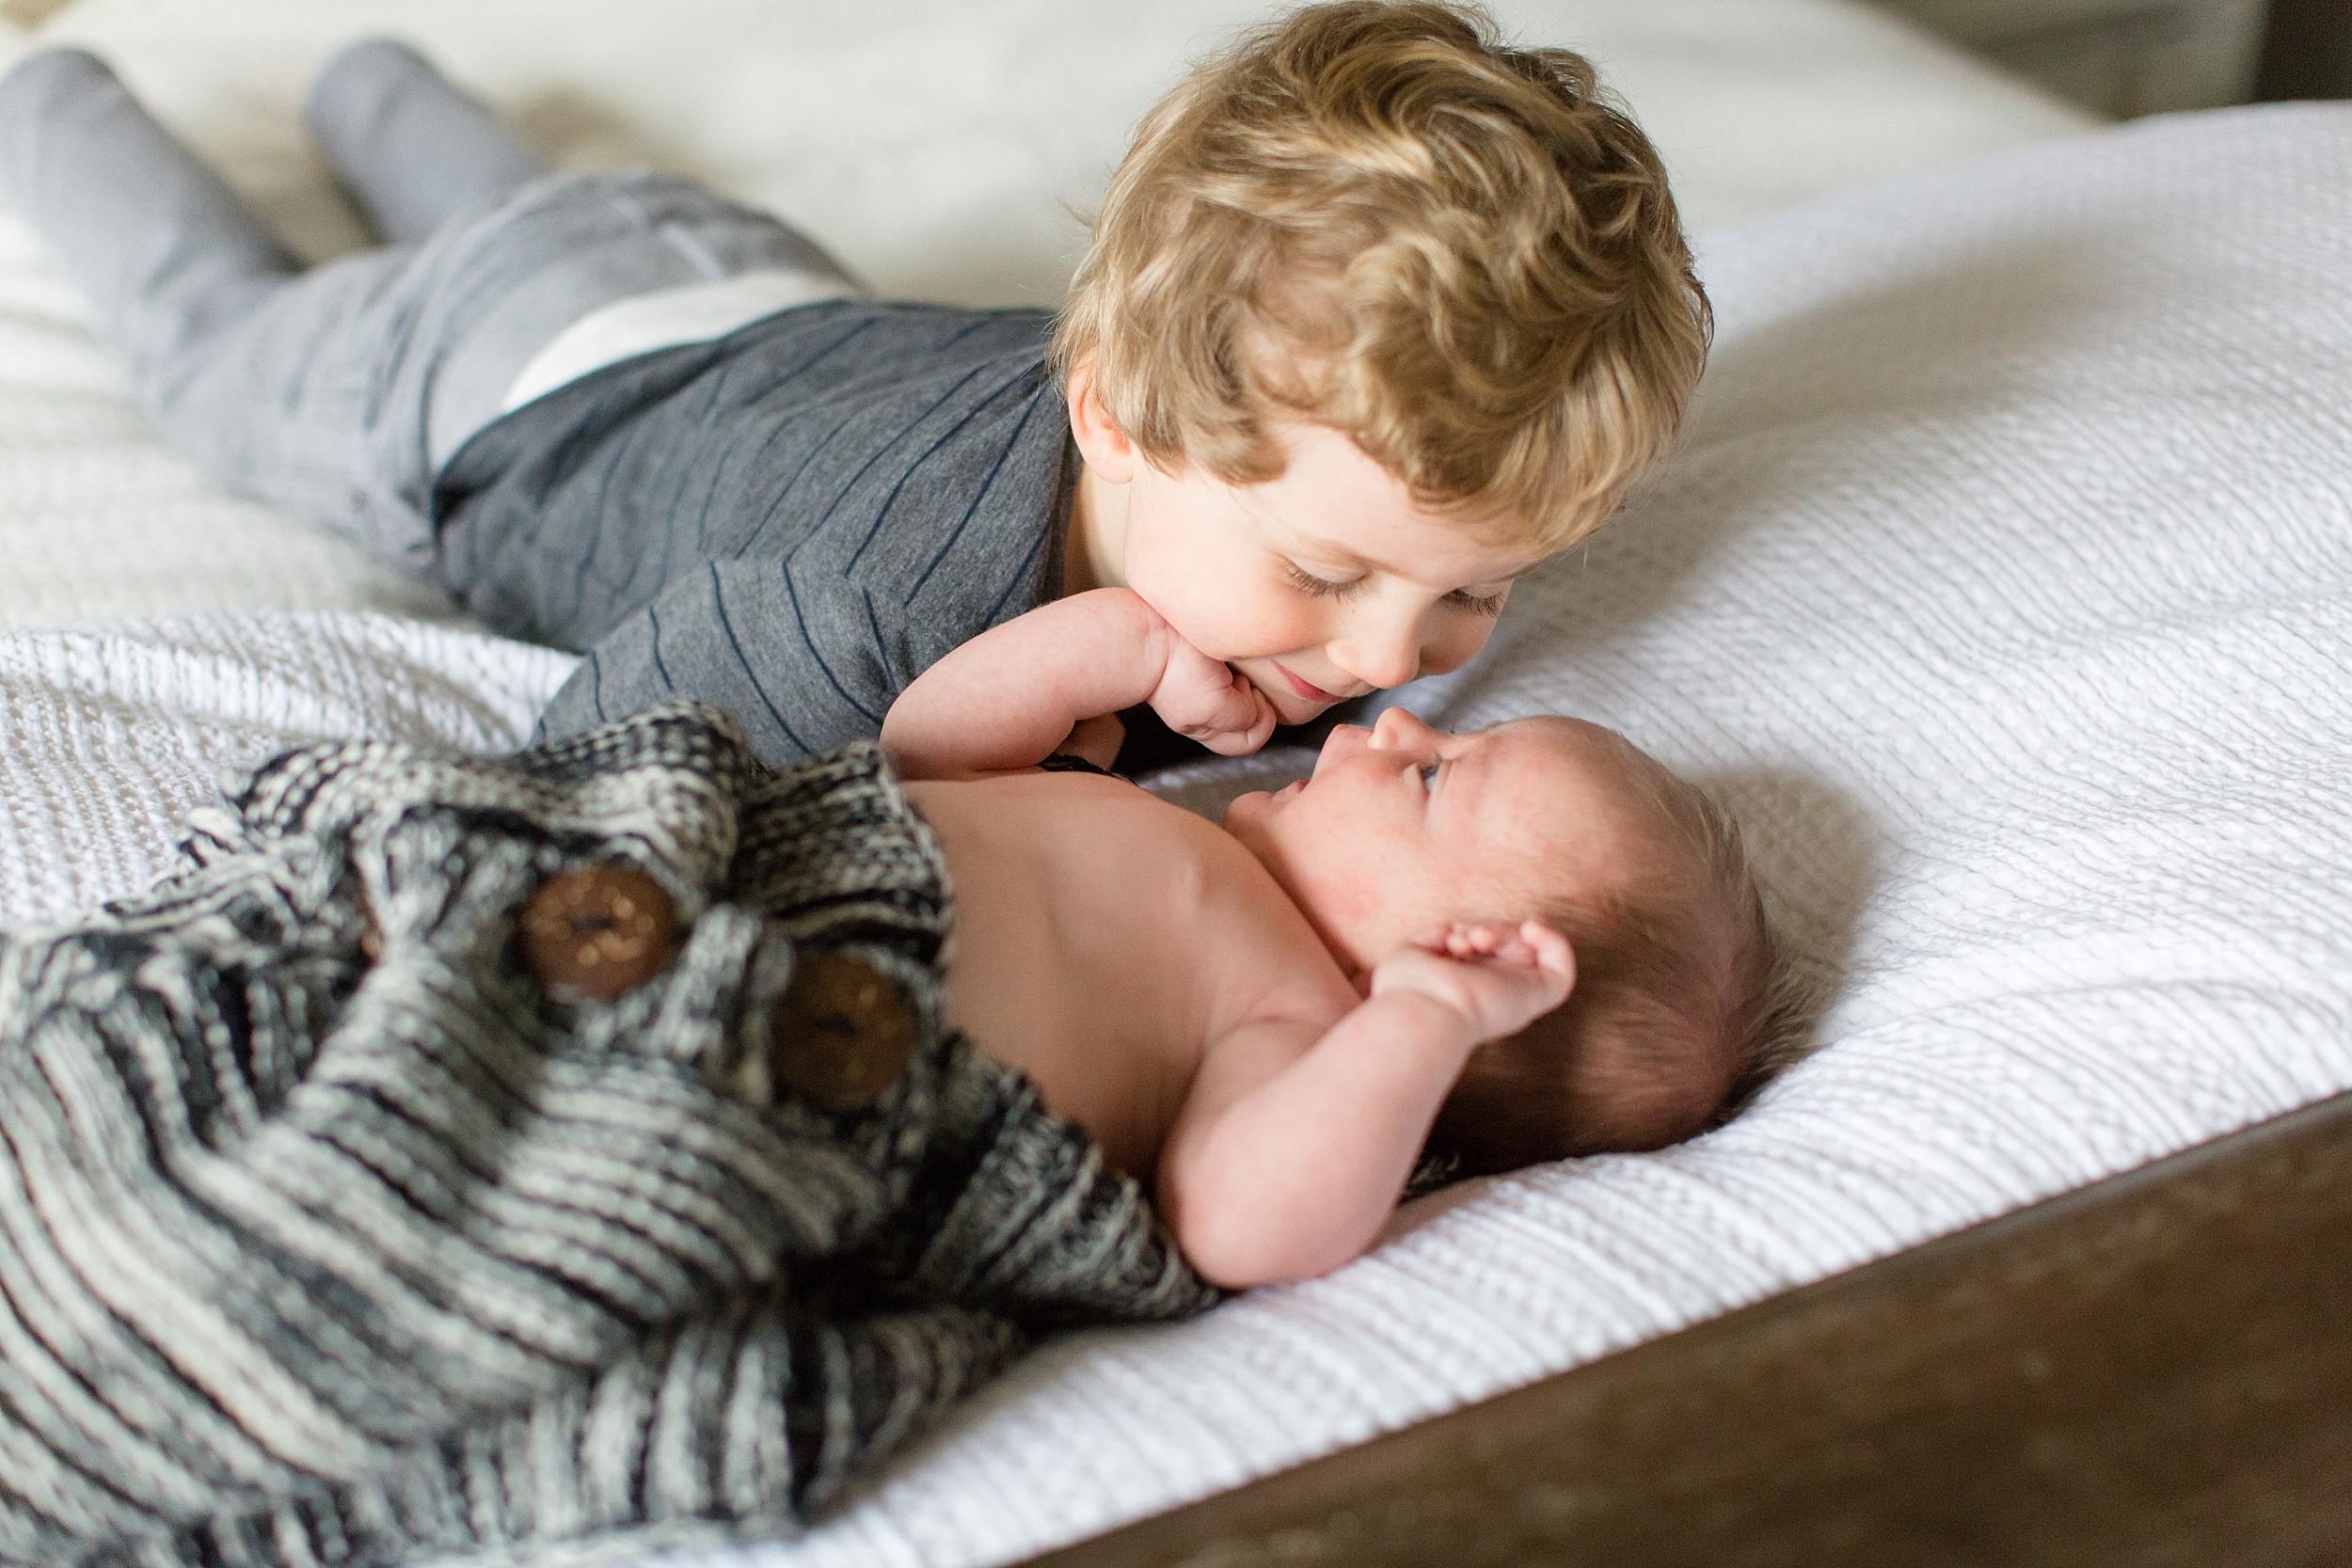 Landon-Schneider-Photography-Liverance-Newborn-Session-McKinney-Texas_0016.jpg